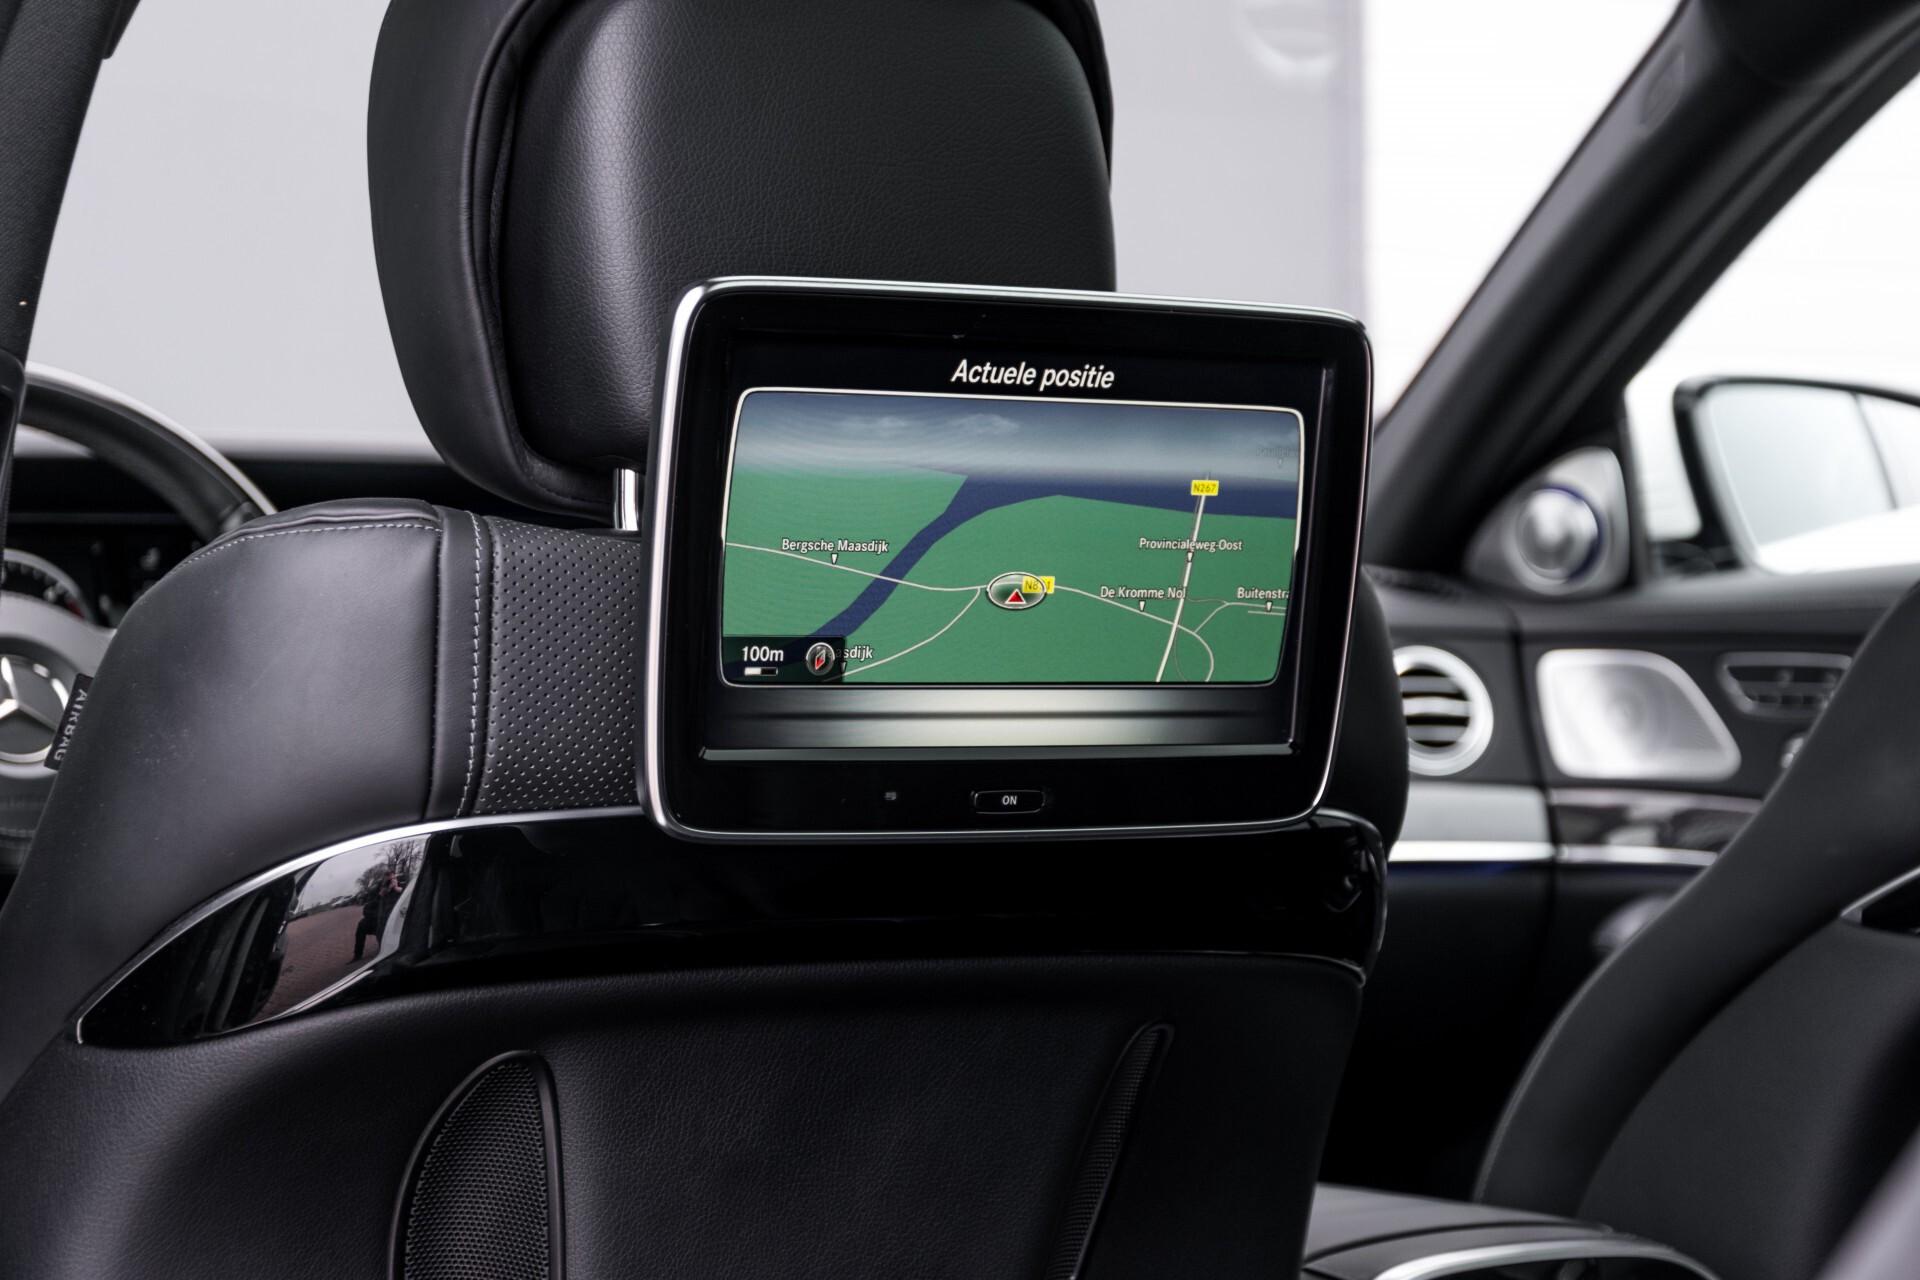 Mercedes-Benz S-Klasse 350 Bluetec Lang 4-M AMG Plus Carbon/Burmester 3D/Standkachel/4xMassage/Entertainment Aut7 Foto 58